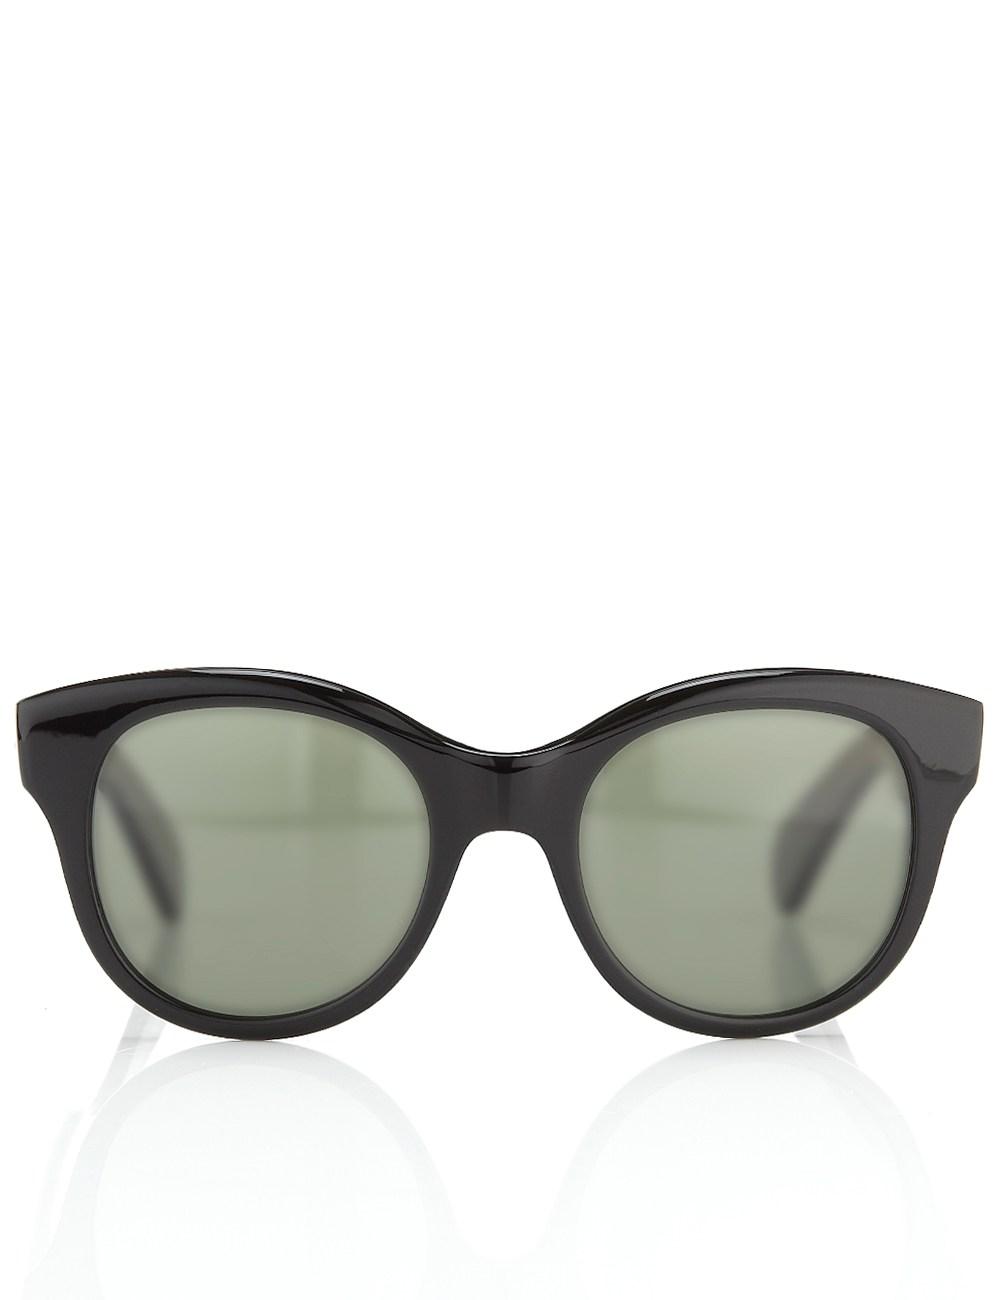 Sunglasses Pics